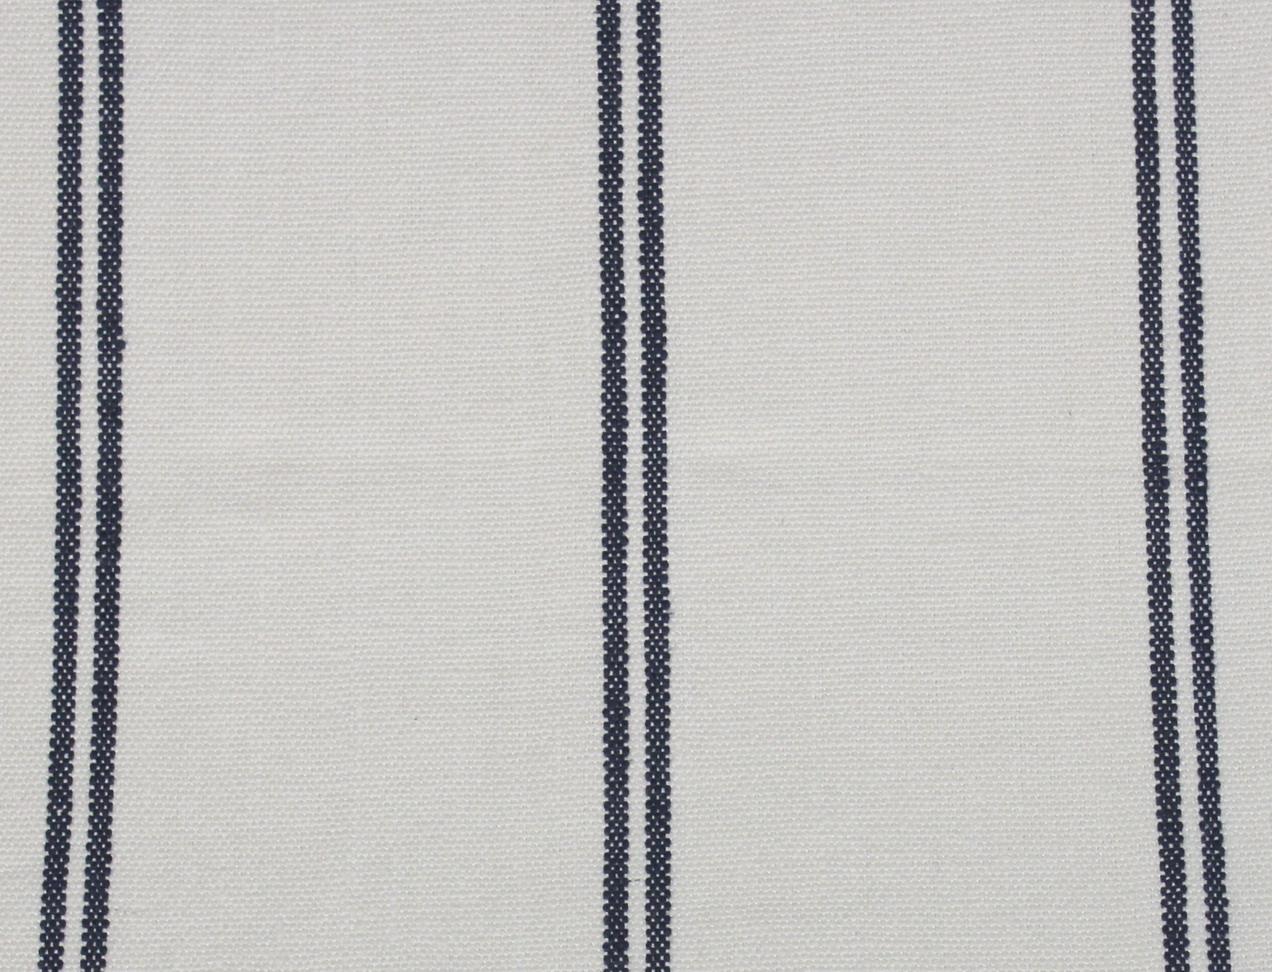 AREZZO RIGATO White - Blue Stripes